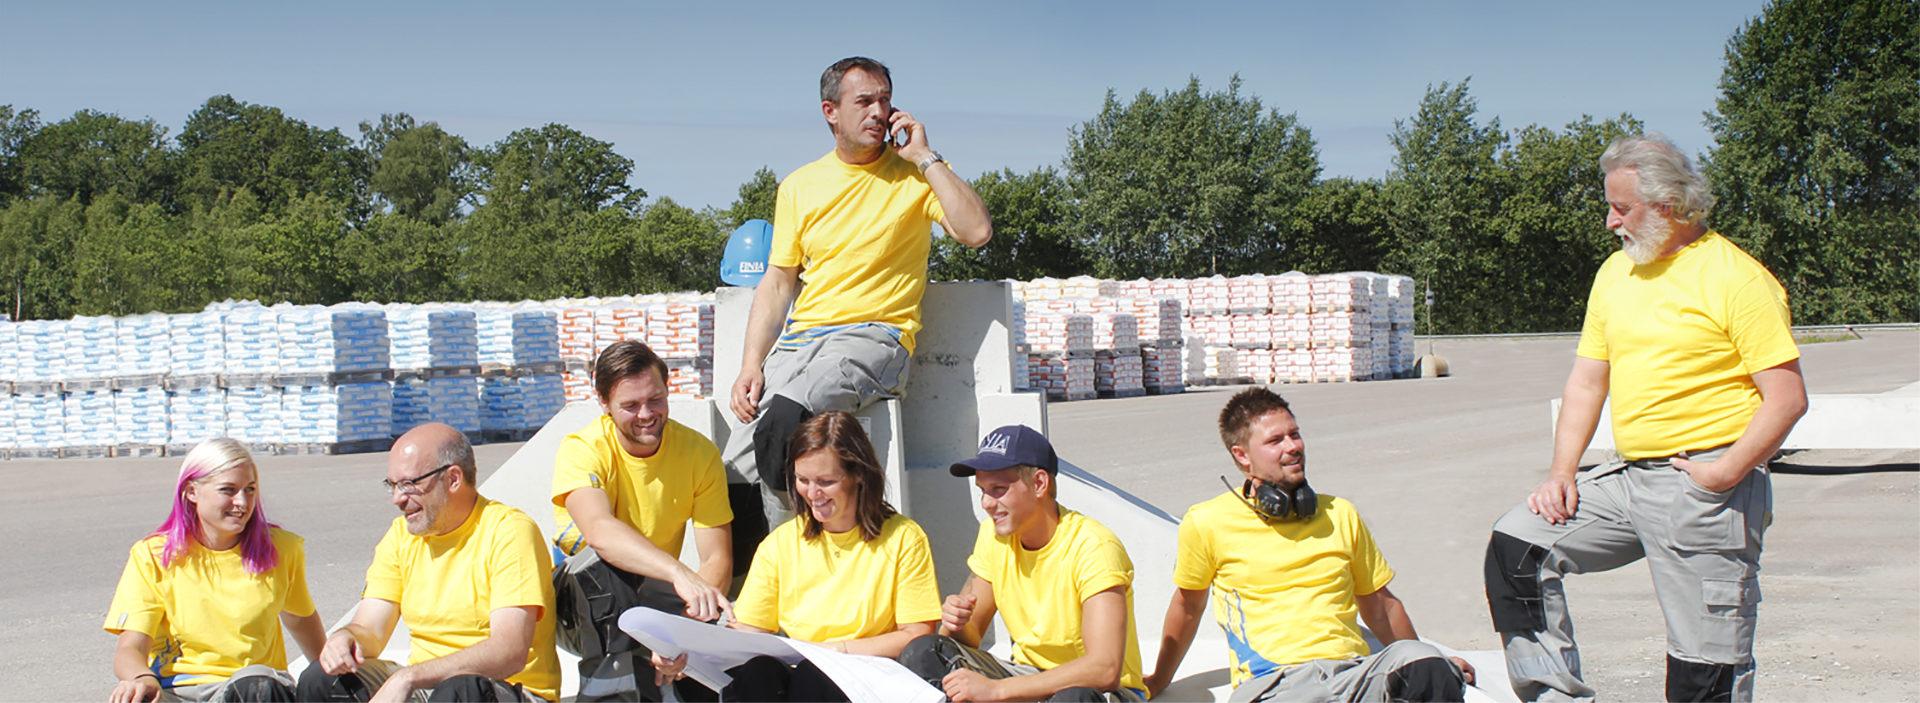 Medarbetare med gula tröjor